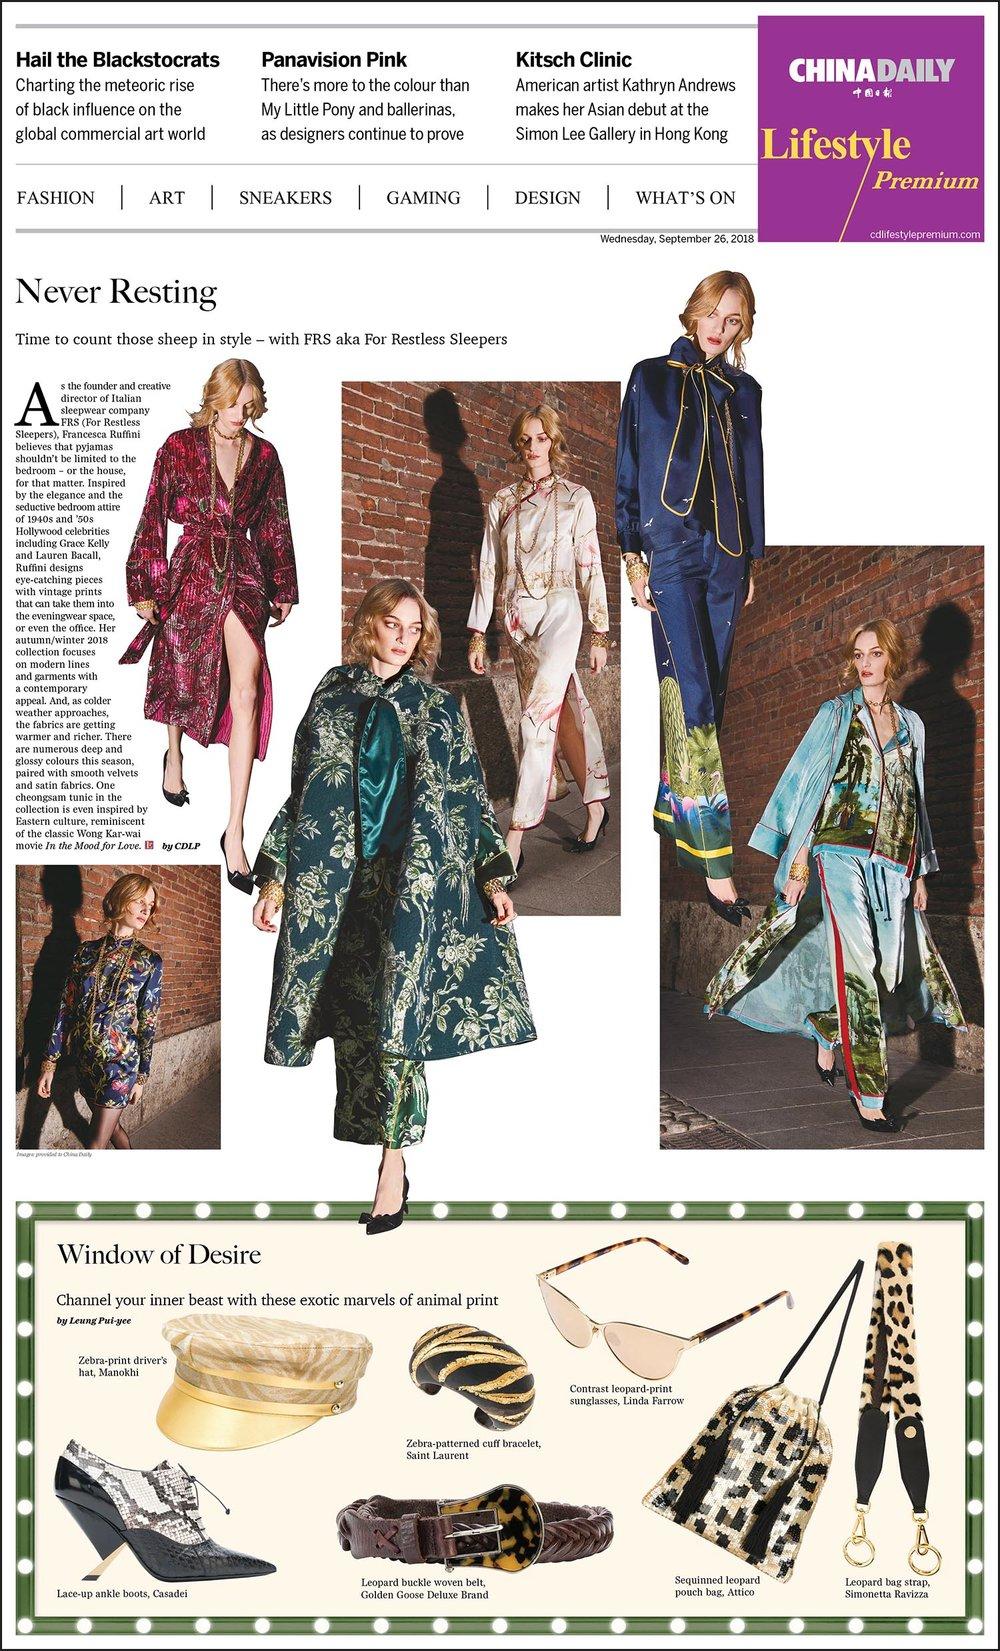 September 26 Issue